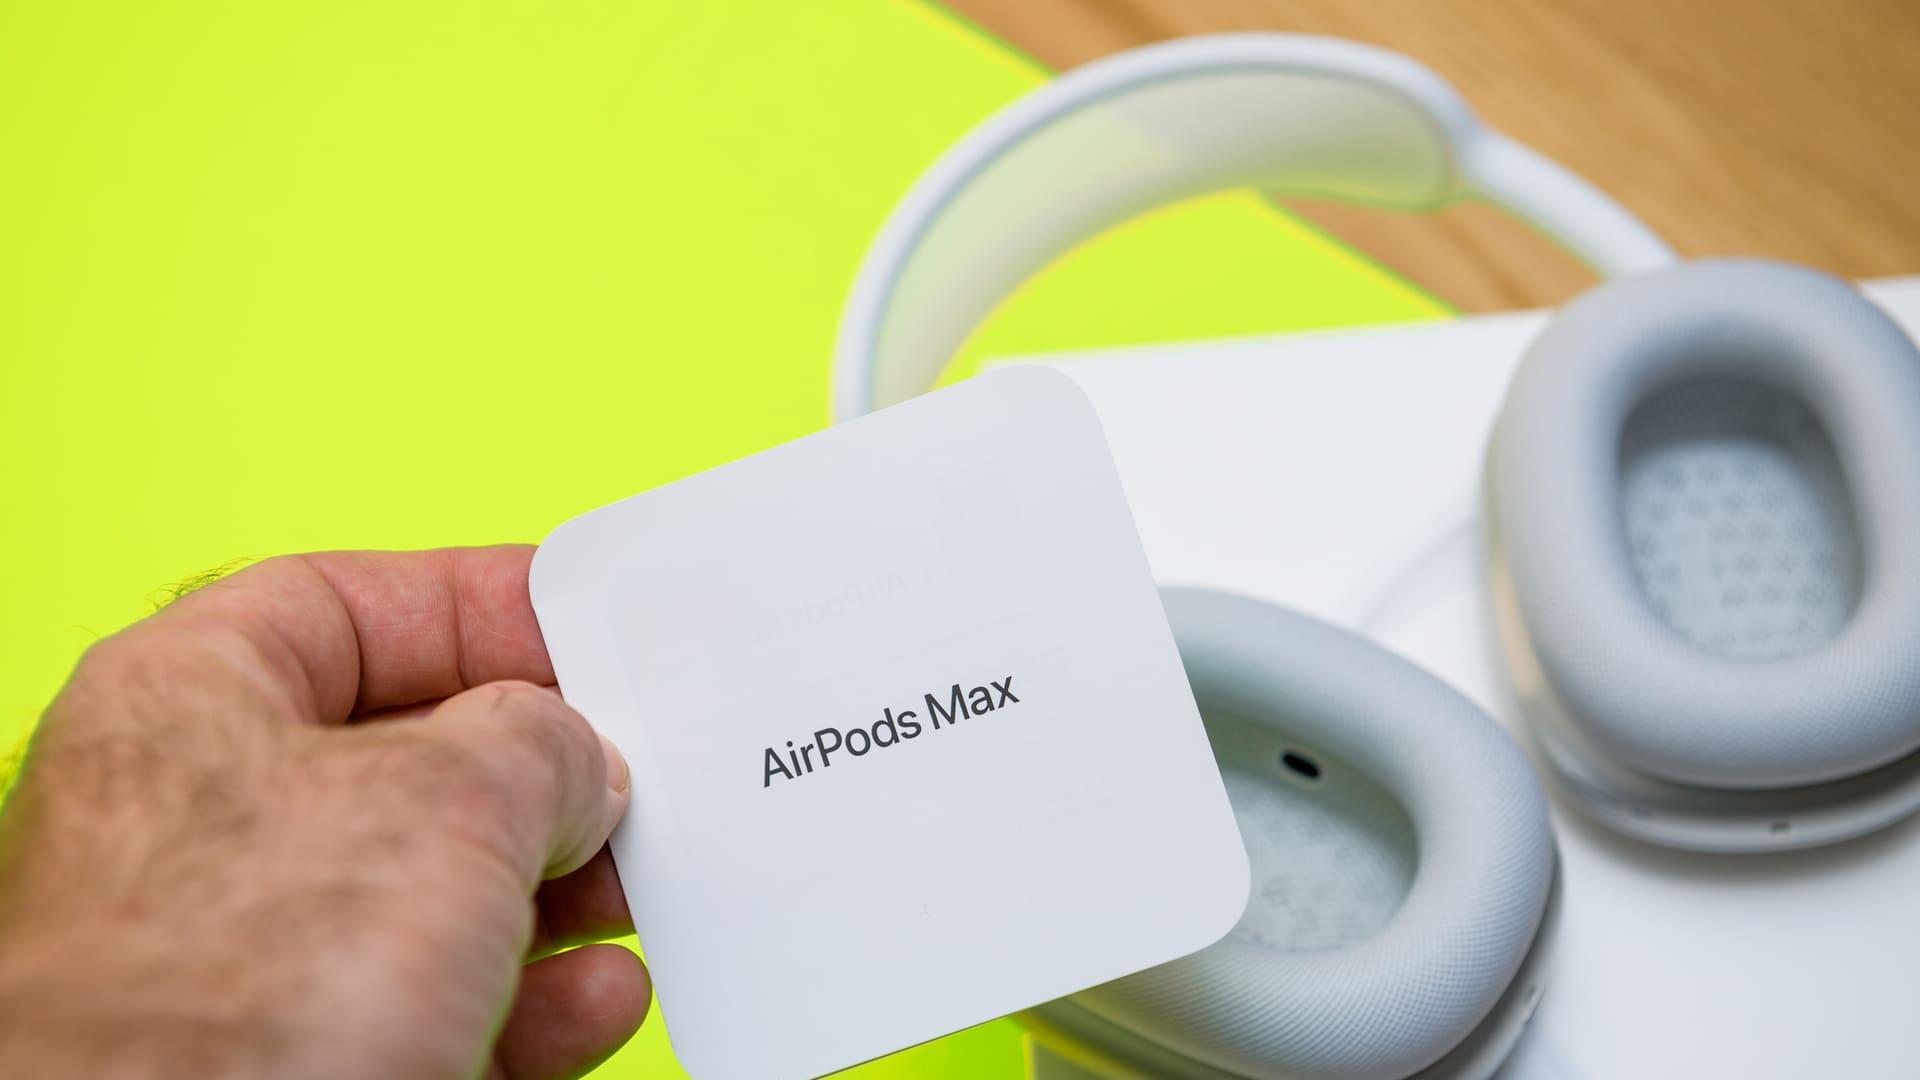 Fone da Apple, AirPods Max. (Foto: Shutterstock)